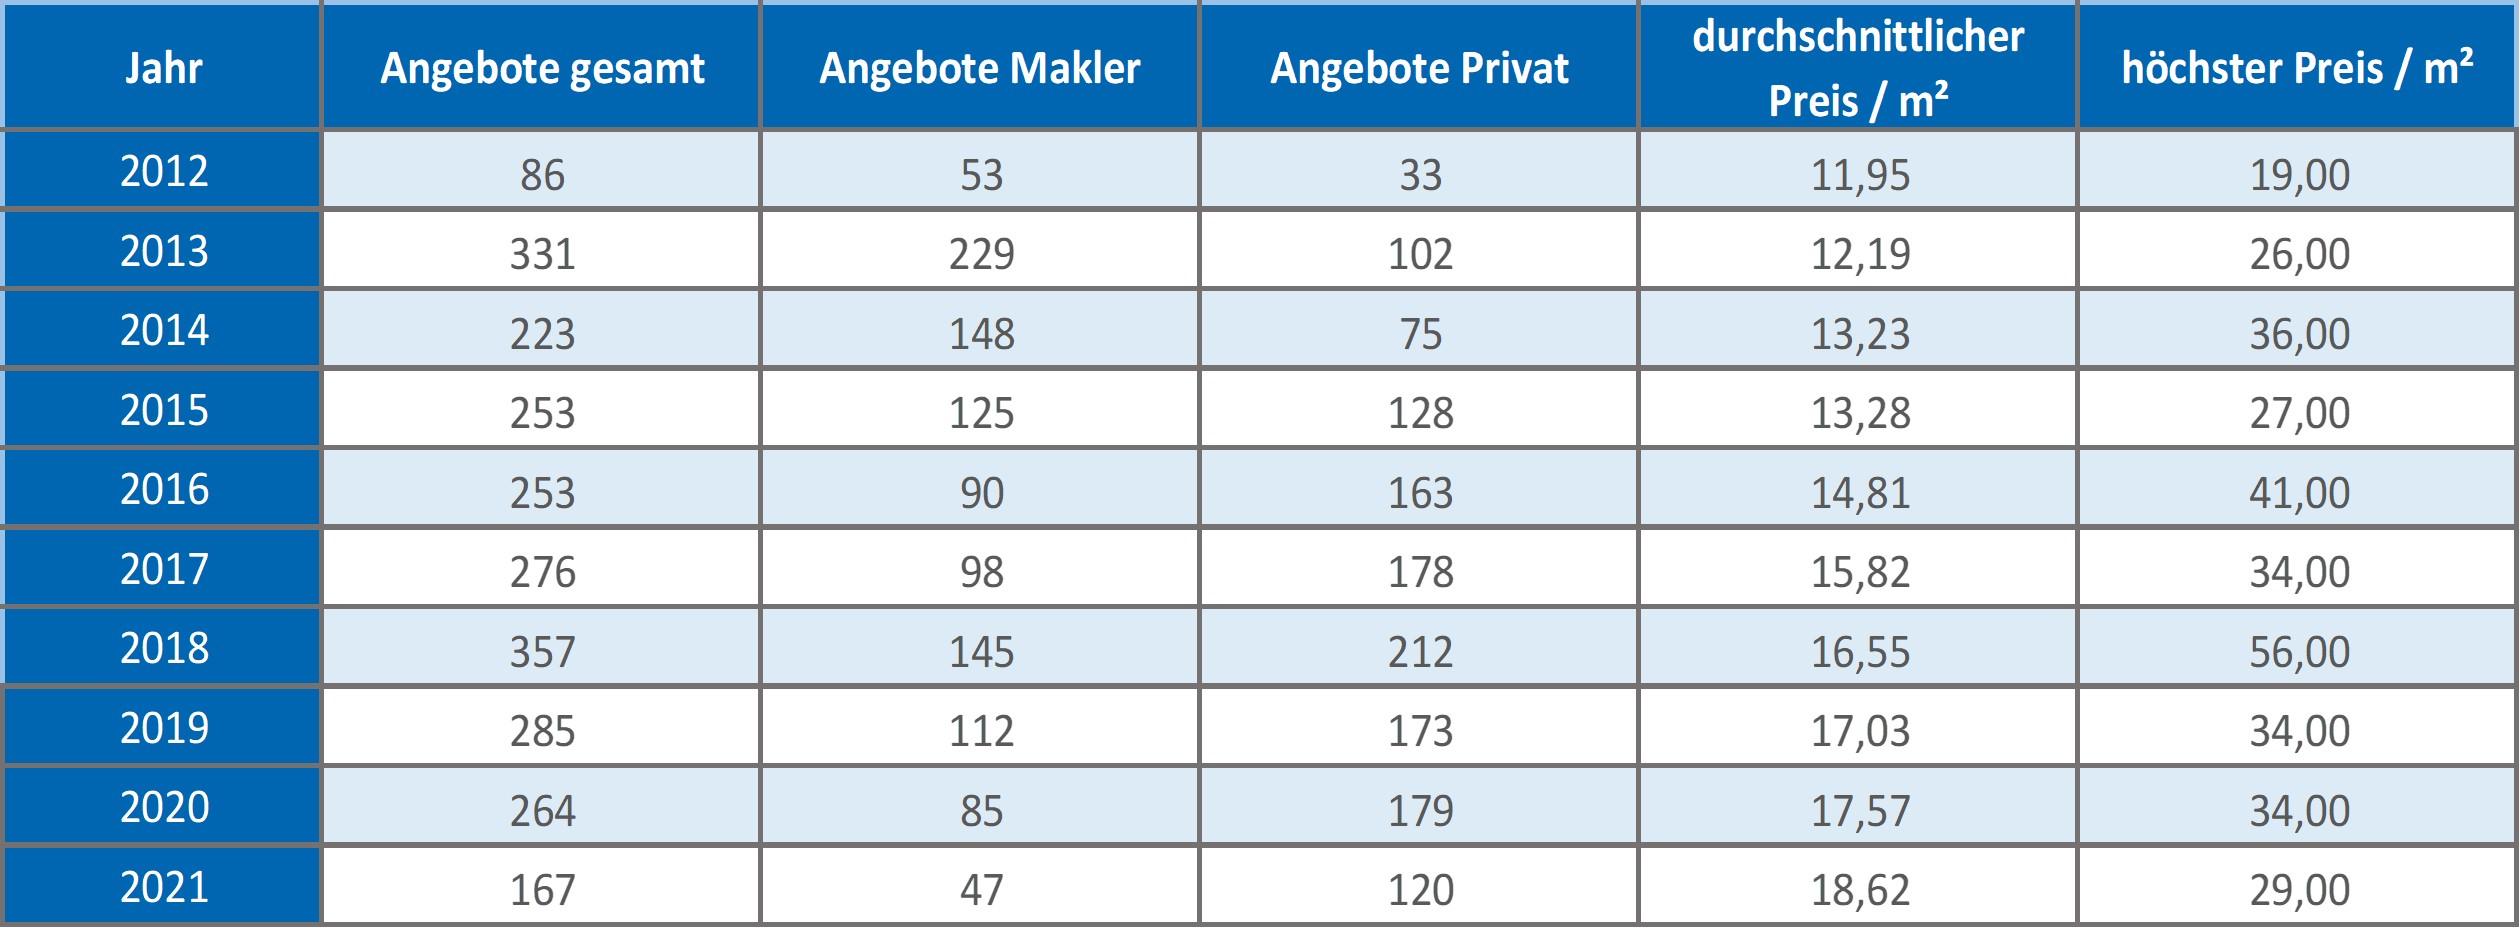 München - Untermenzing Wohnung mieten vermieten Preis Bewertung Makler 2019 2020 2021 www.happy-immo.de